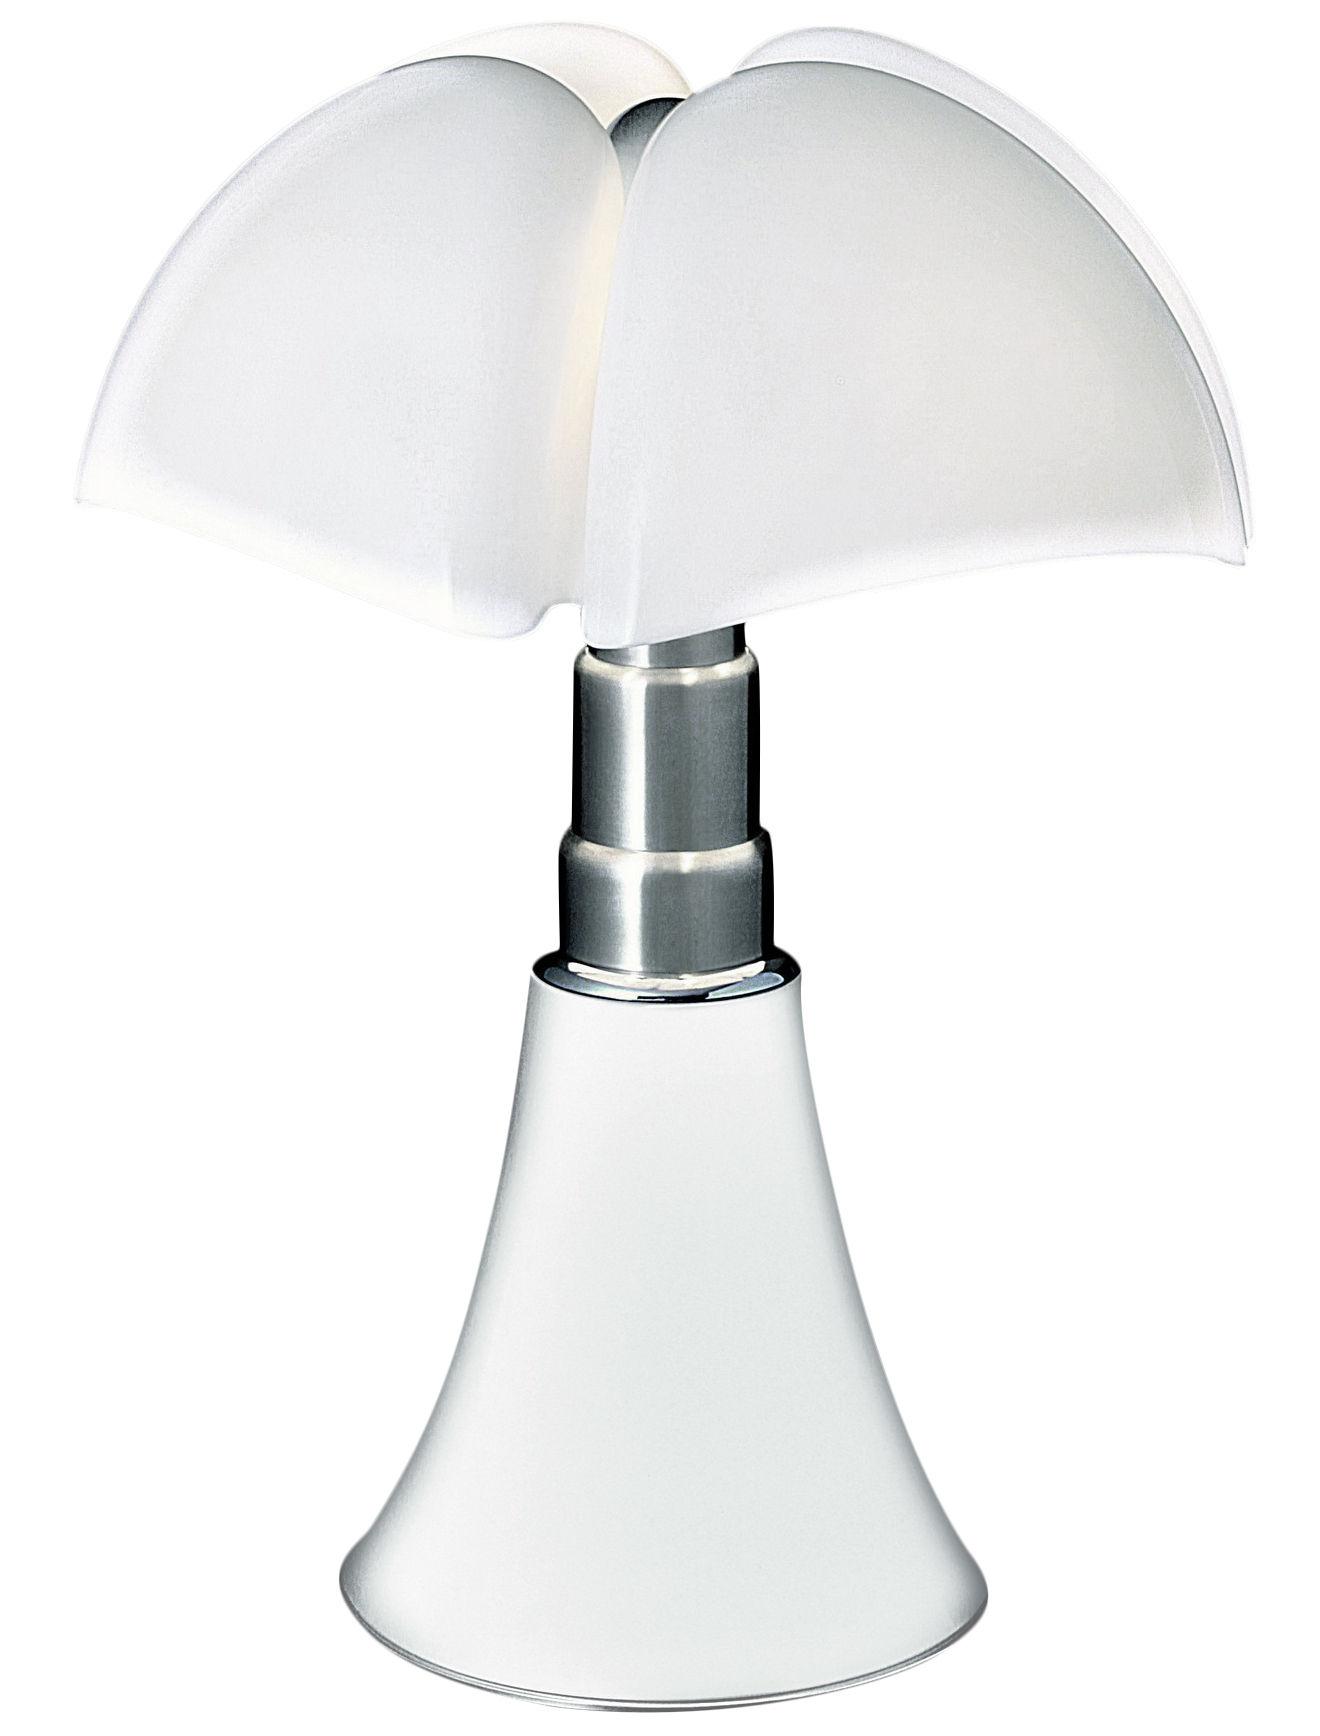 Leuchten - Tischleuchten - Pipistrello LED Tischleuchte / H 66 bis 86 cm - Martinelli Luce - Weiß / Lampenschirm: weiß - galvanisierter Stahl, lackiertes Aluminium, Méthacrylathe opalin